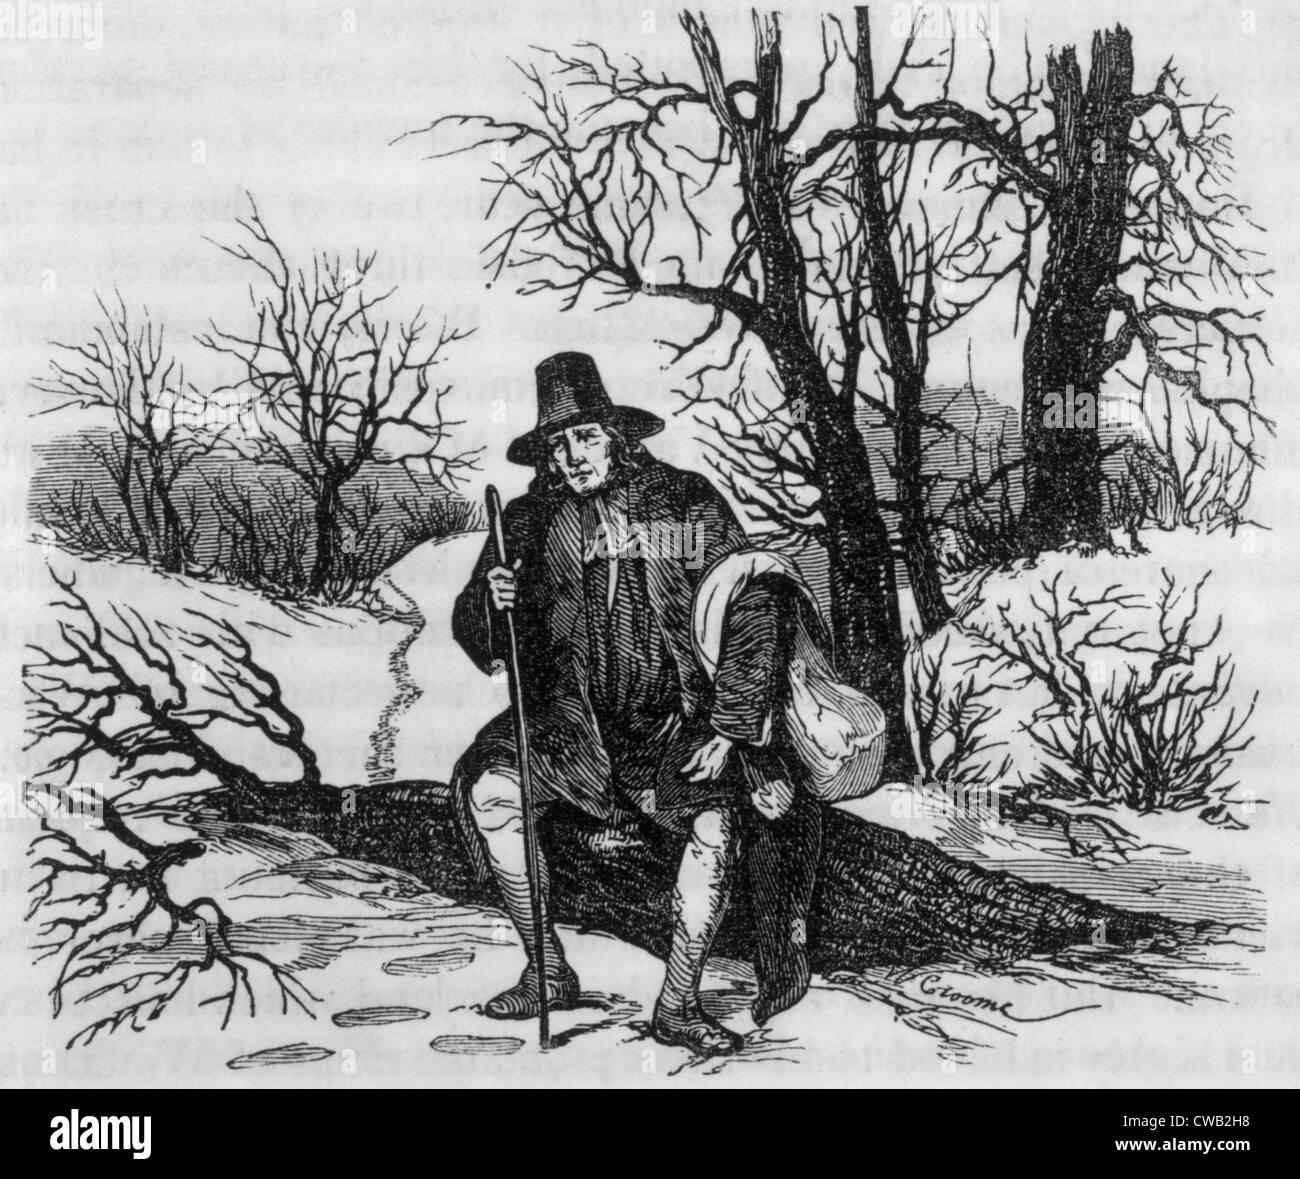 Roger Williams tras ser expulsado de la colonia de la Bahía de Massachusetts, 1635, grabado de 'la historia Imagen De Stock